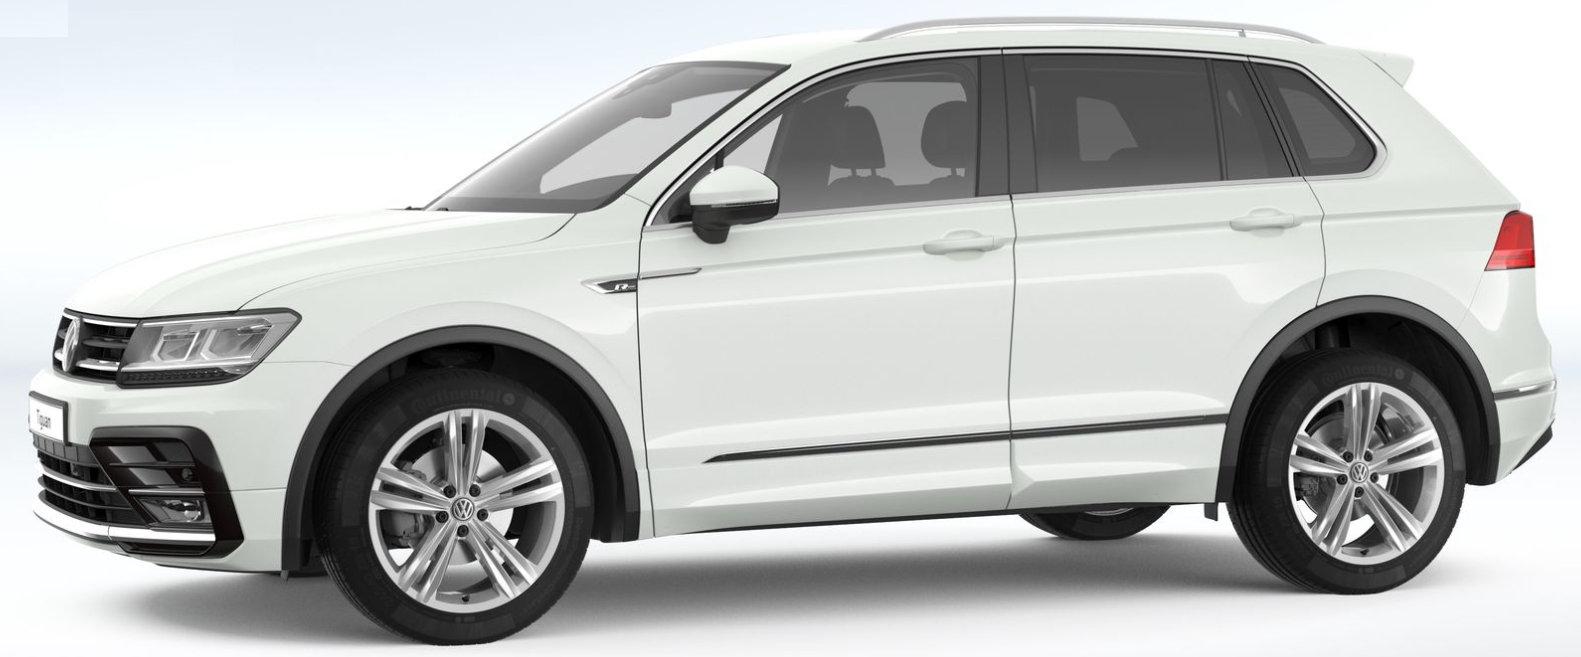 Volkswagen-Tiguan-leasen-2